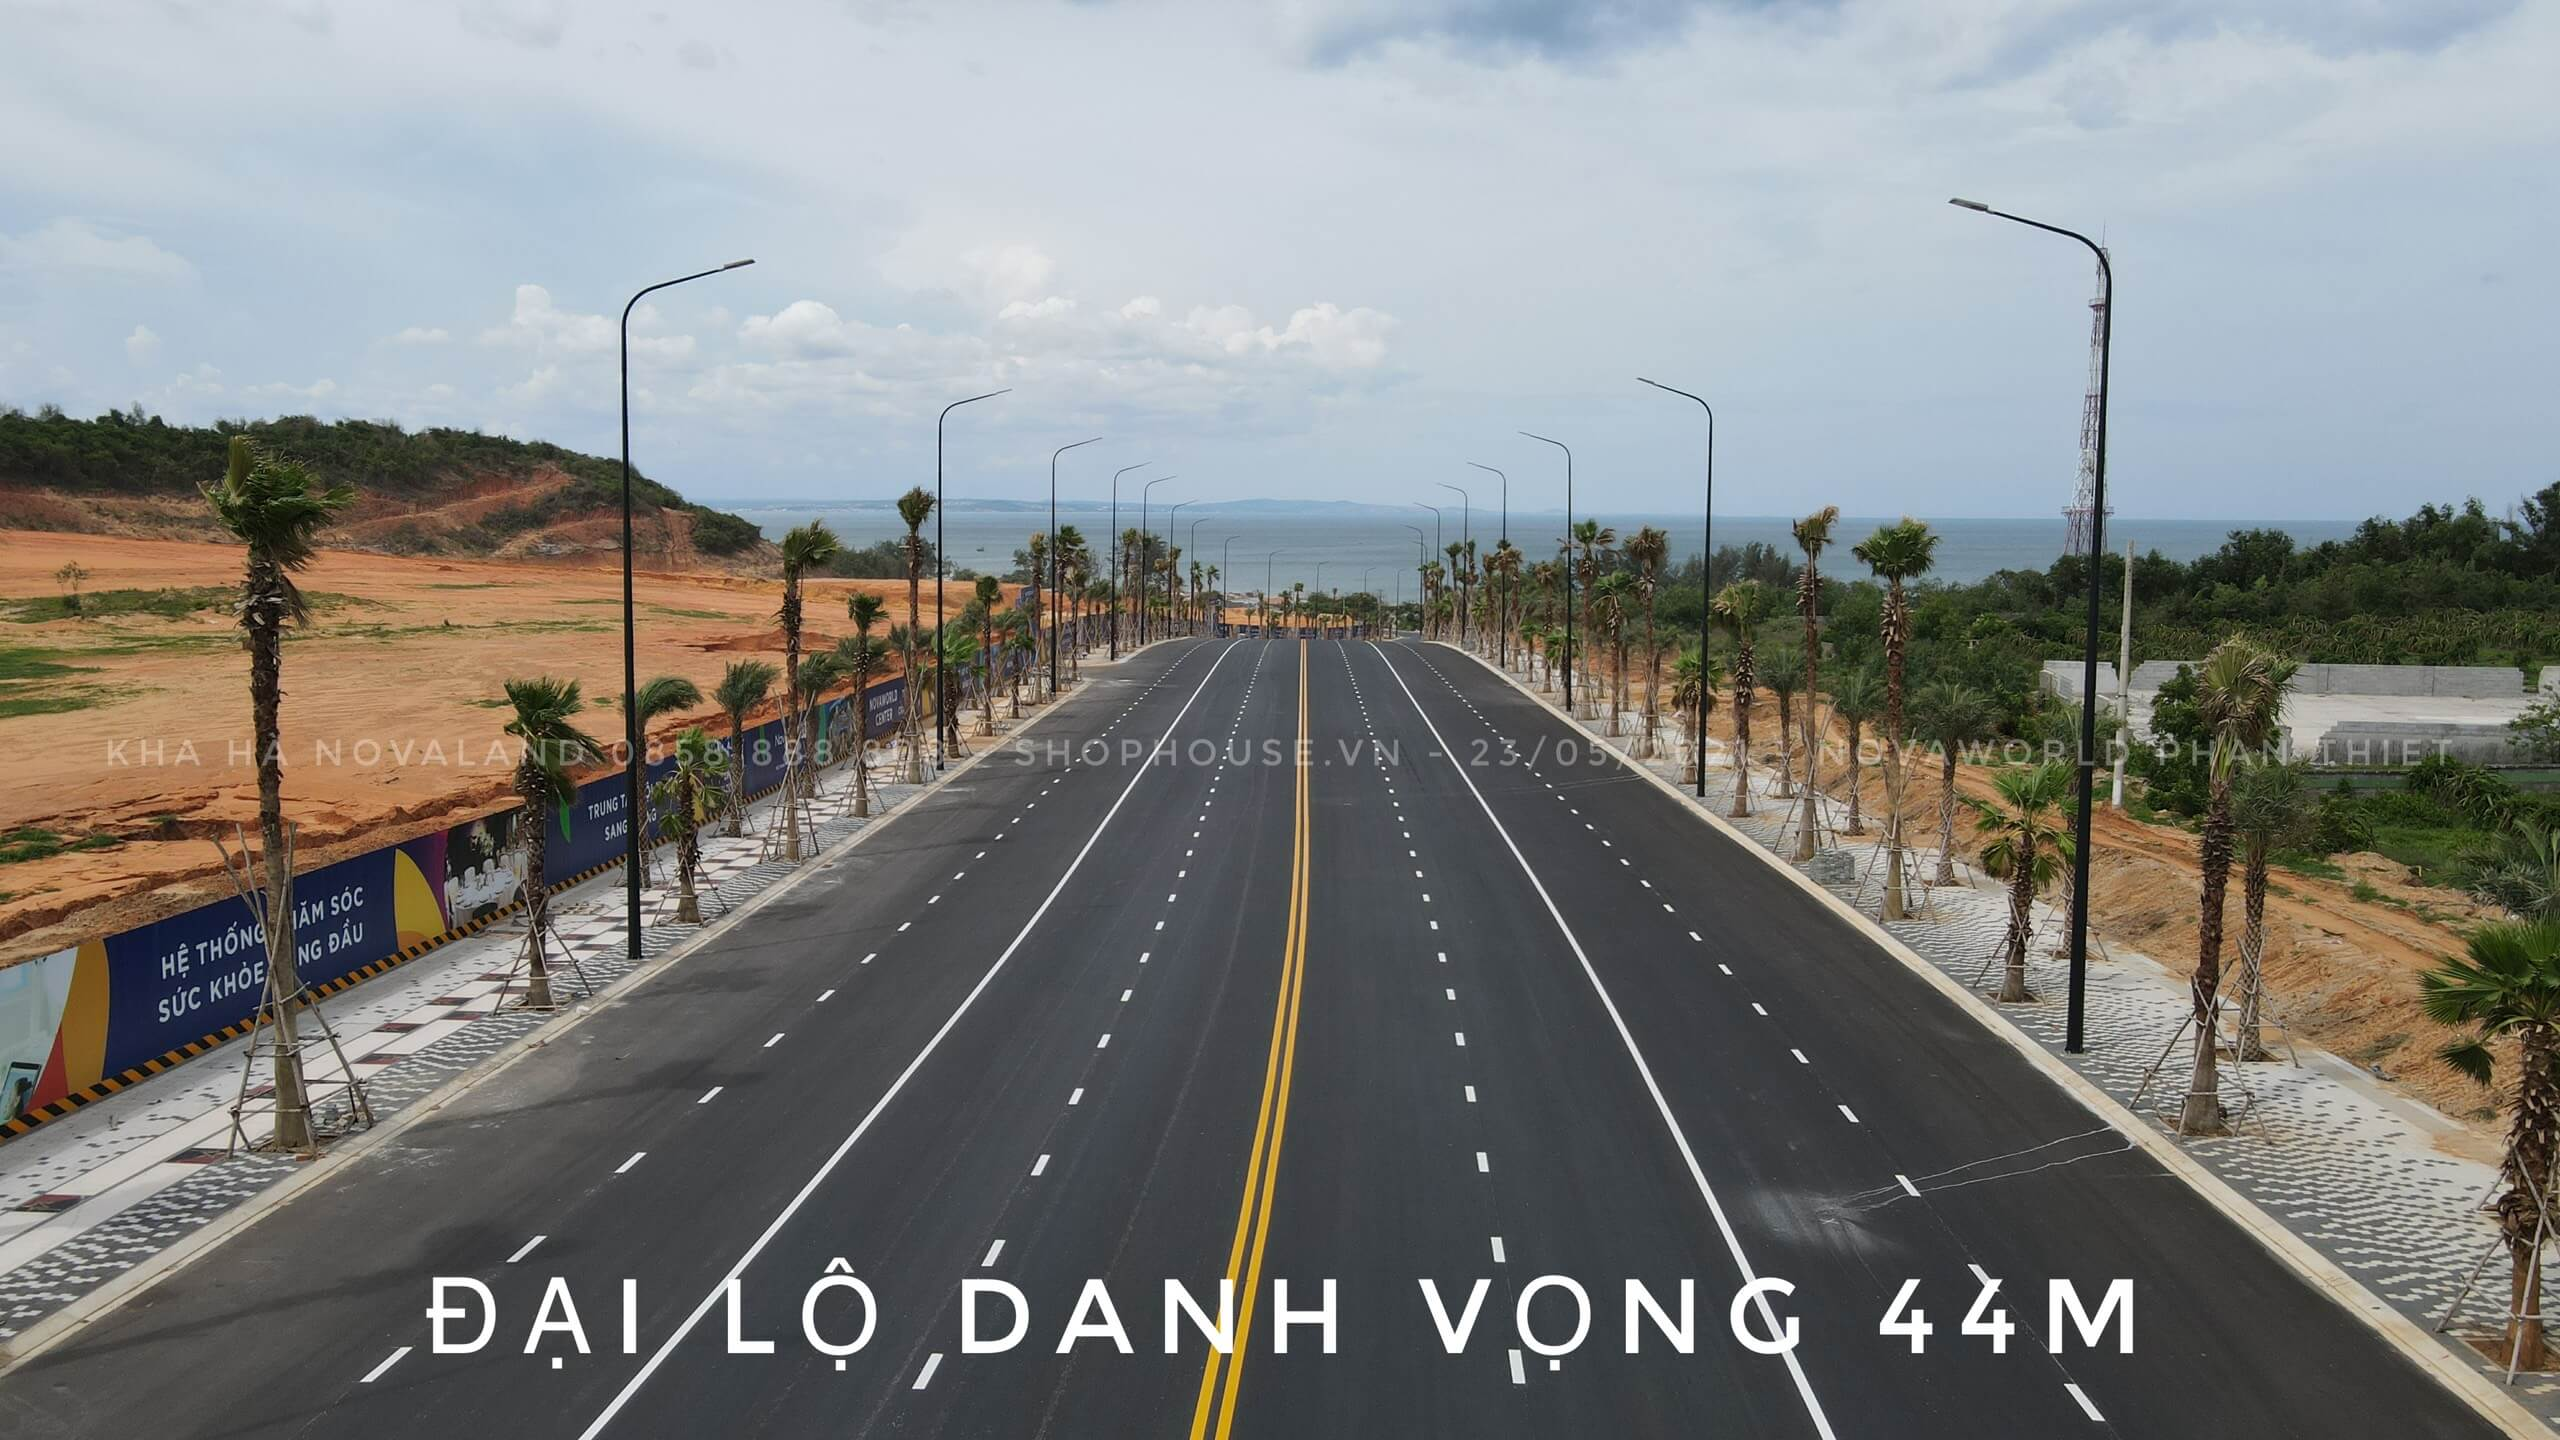 hoan-thien-duong-Dai-Lo-Danh-Vong-Hon-Do-du-an-NovaWorld-Phan-Thiet-05-2021